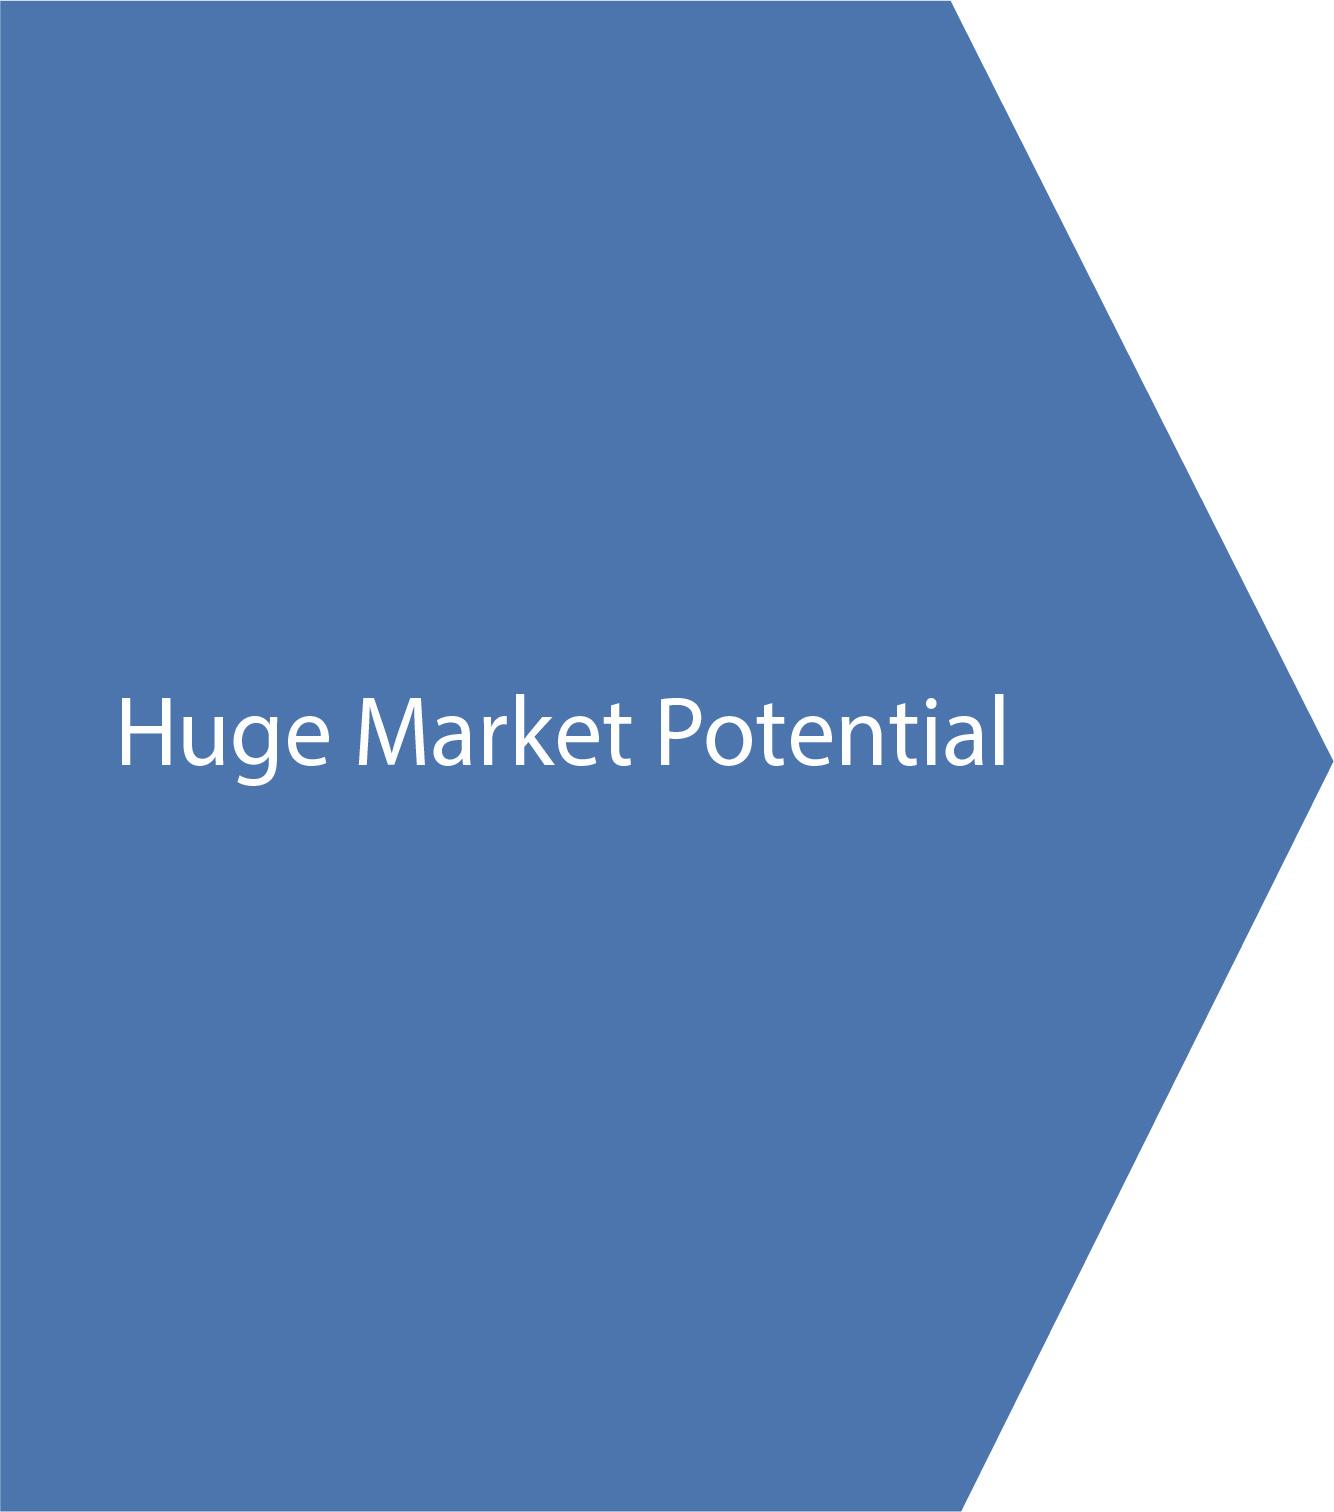 Huge market potential